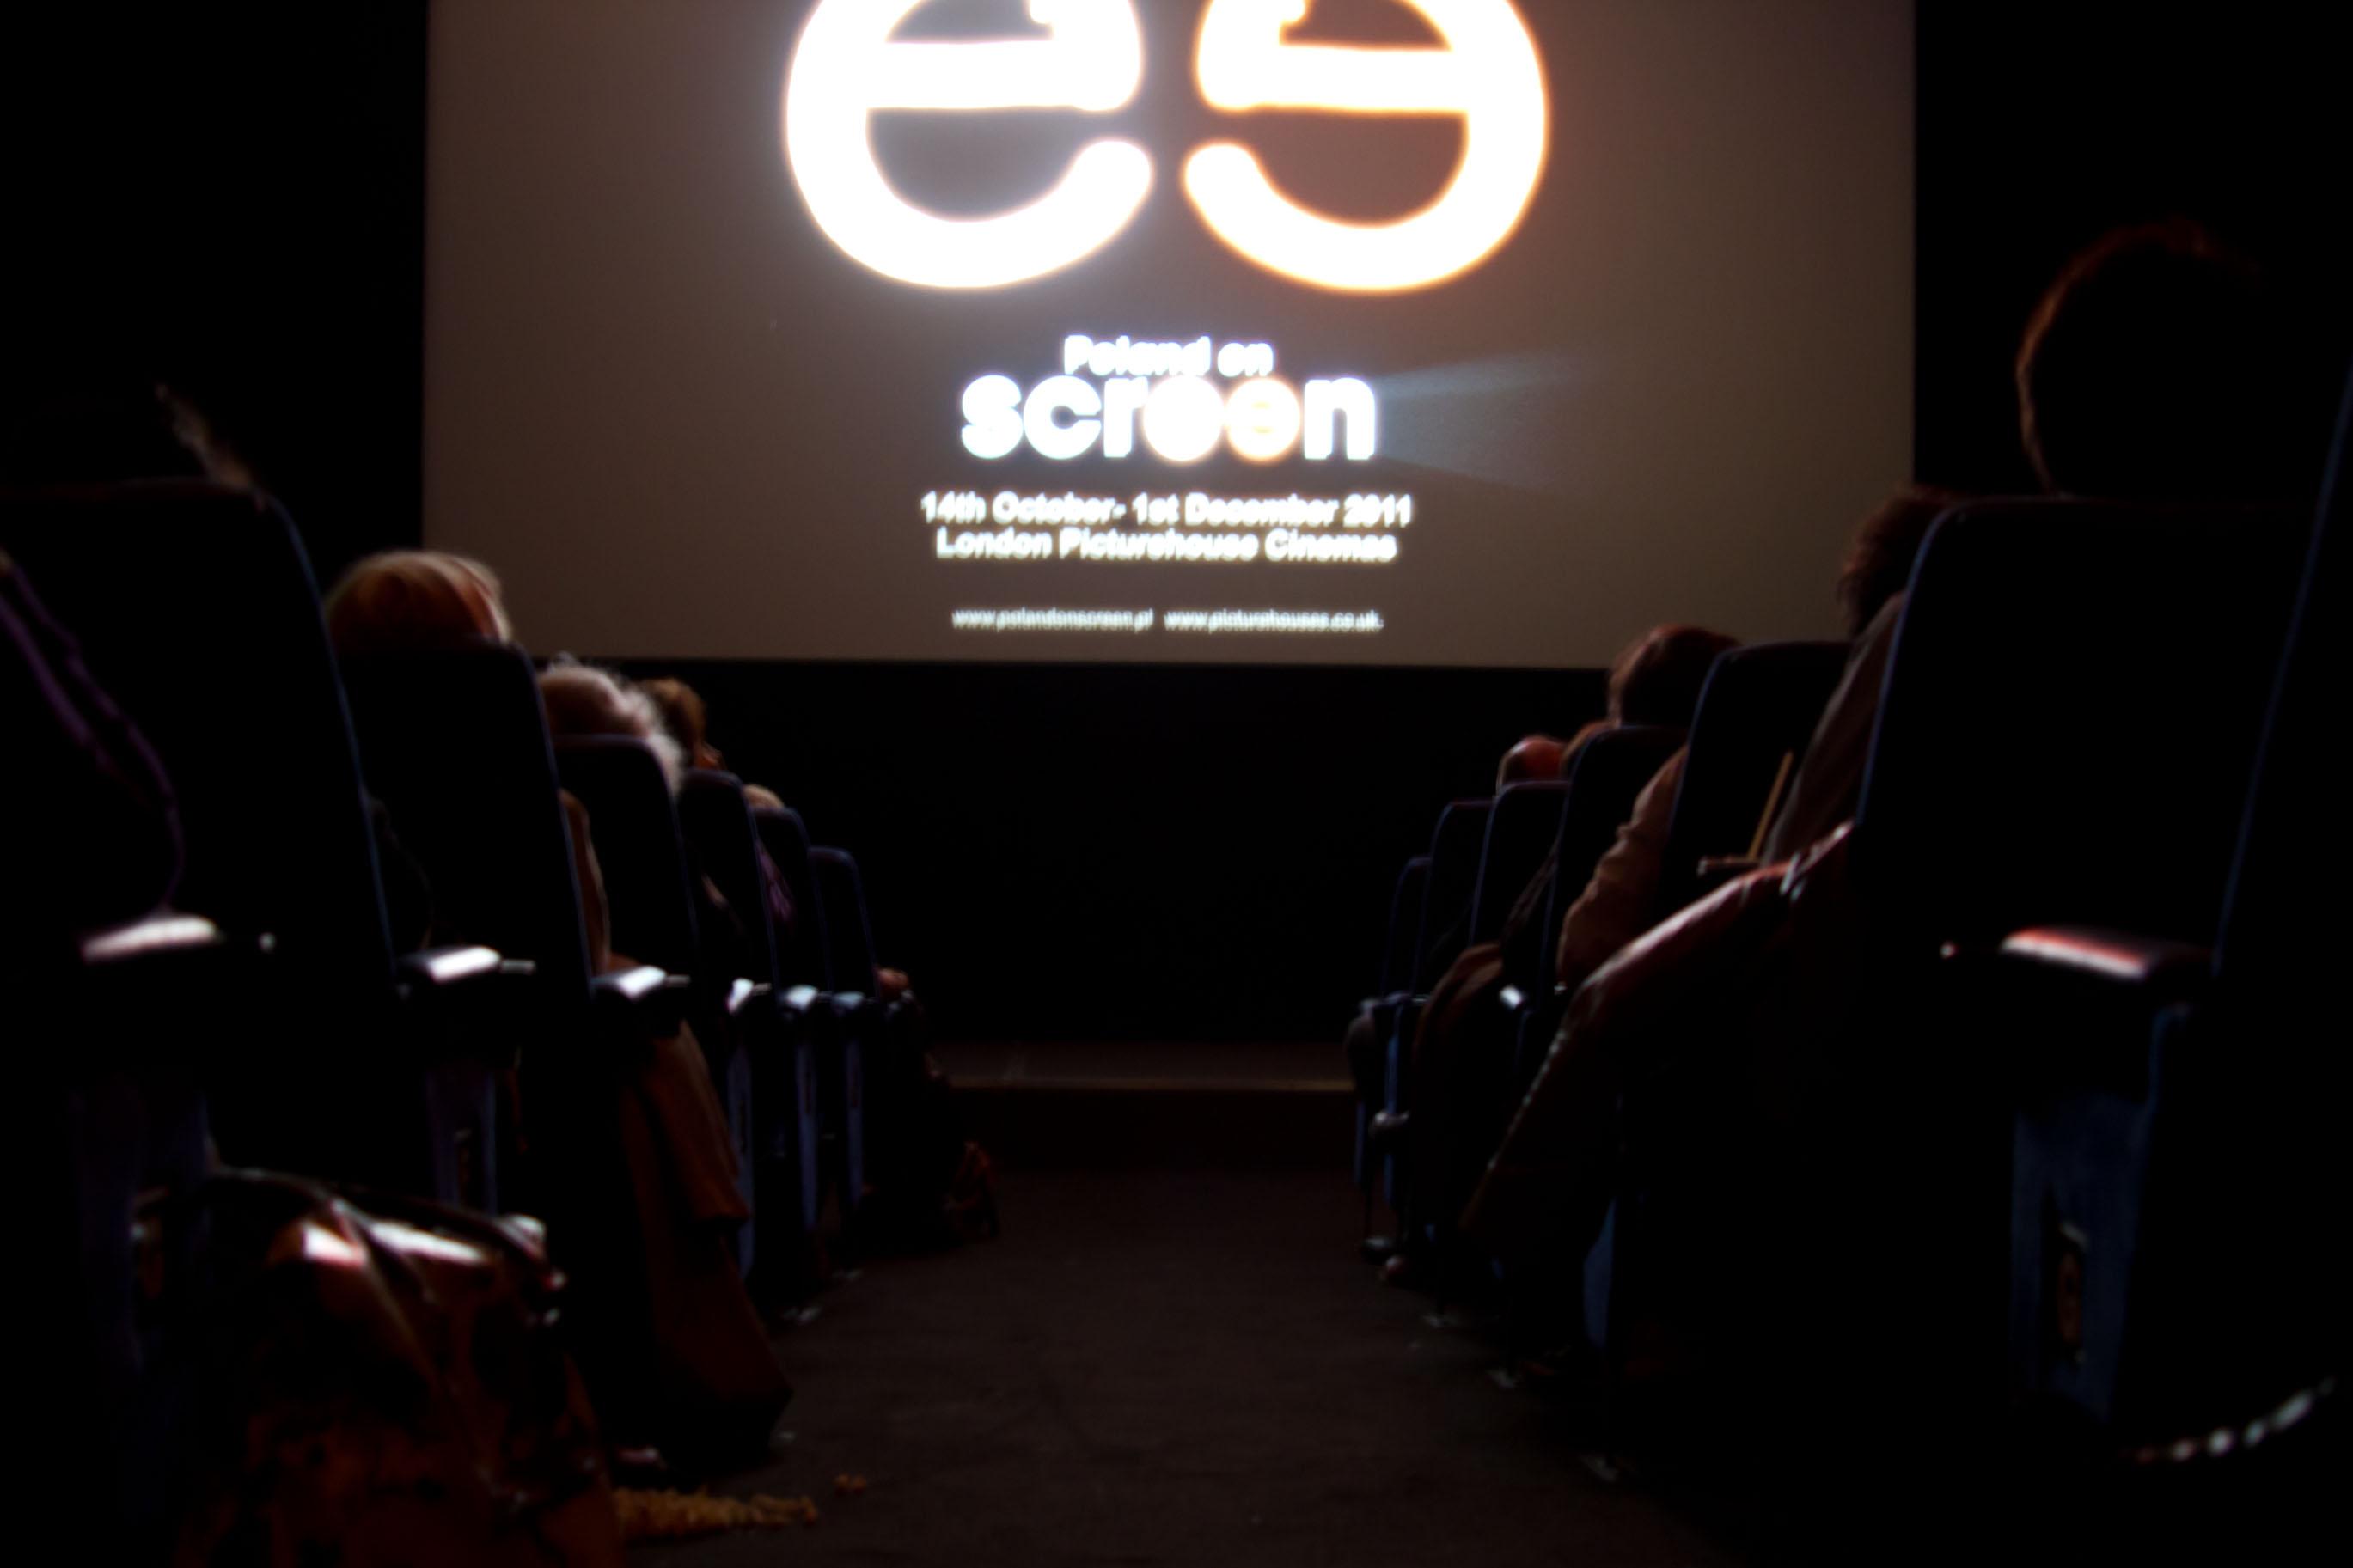 Inauguracja przeglądu kina polskiego w Londynie (zdjęcie pochodzi z materiałów prasowych)